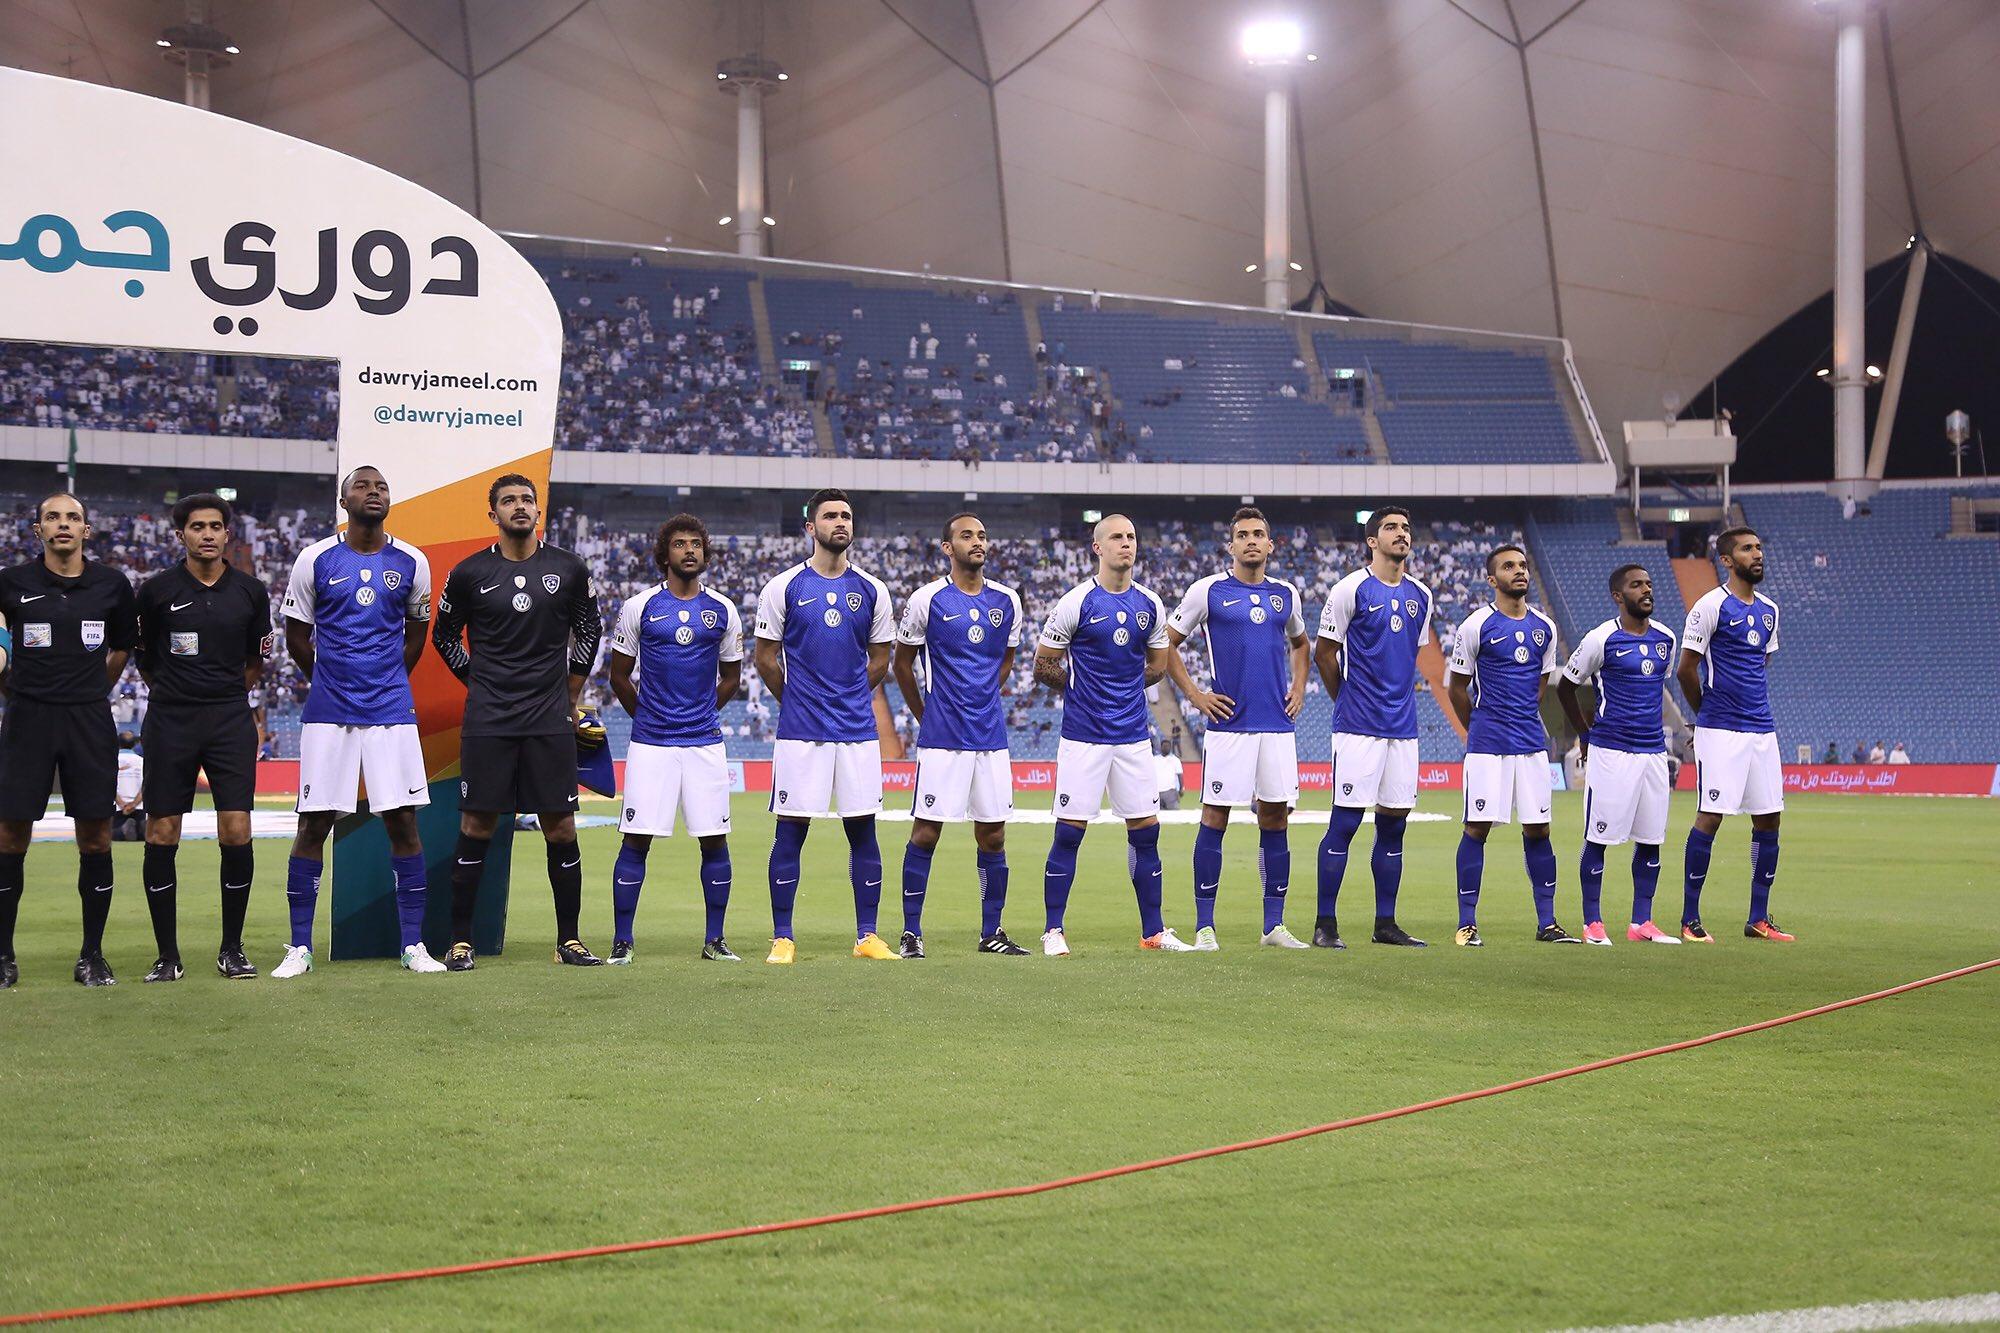 هدف الهلال الأول ضد الفيحاء (عبد الله الحافظ) فى الجولة الأولى من دورى جميل